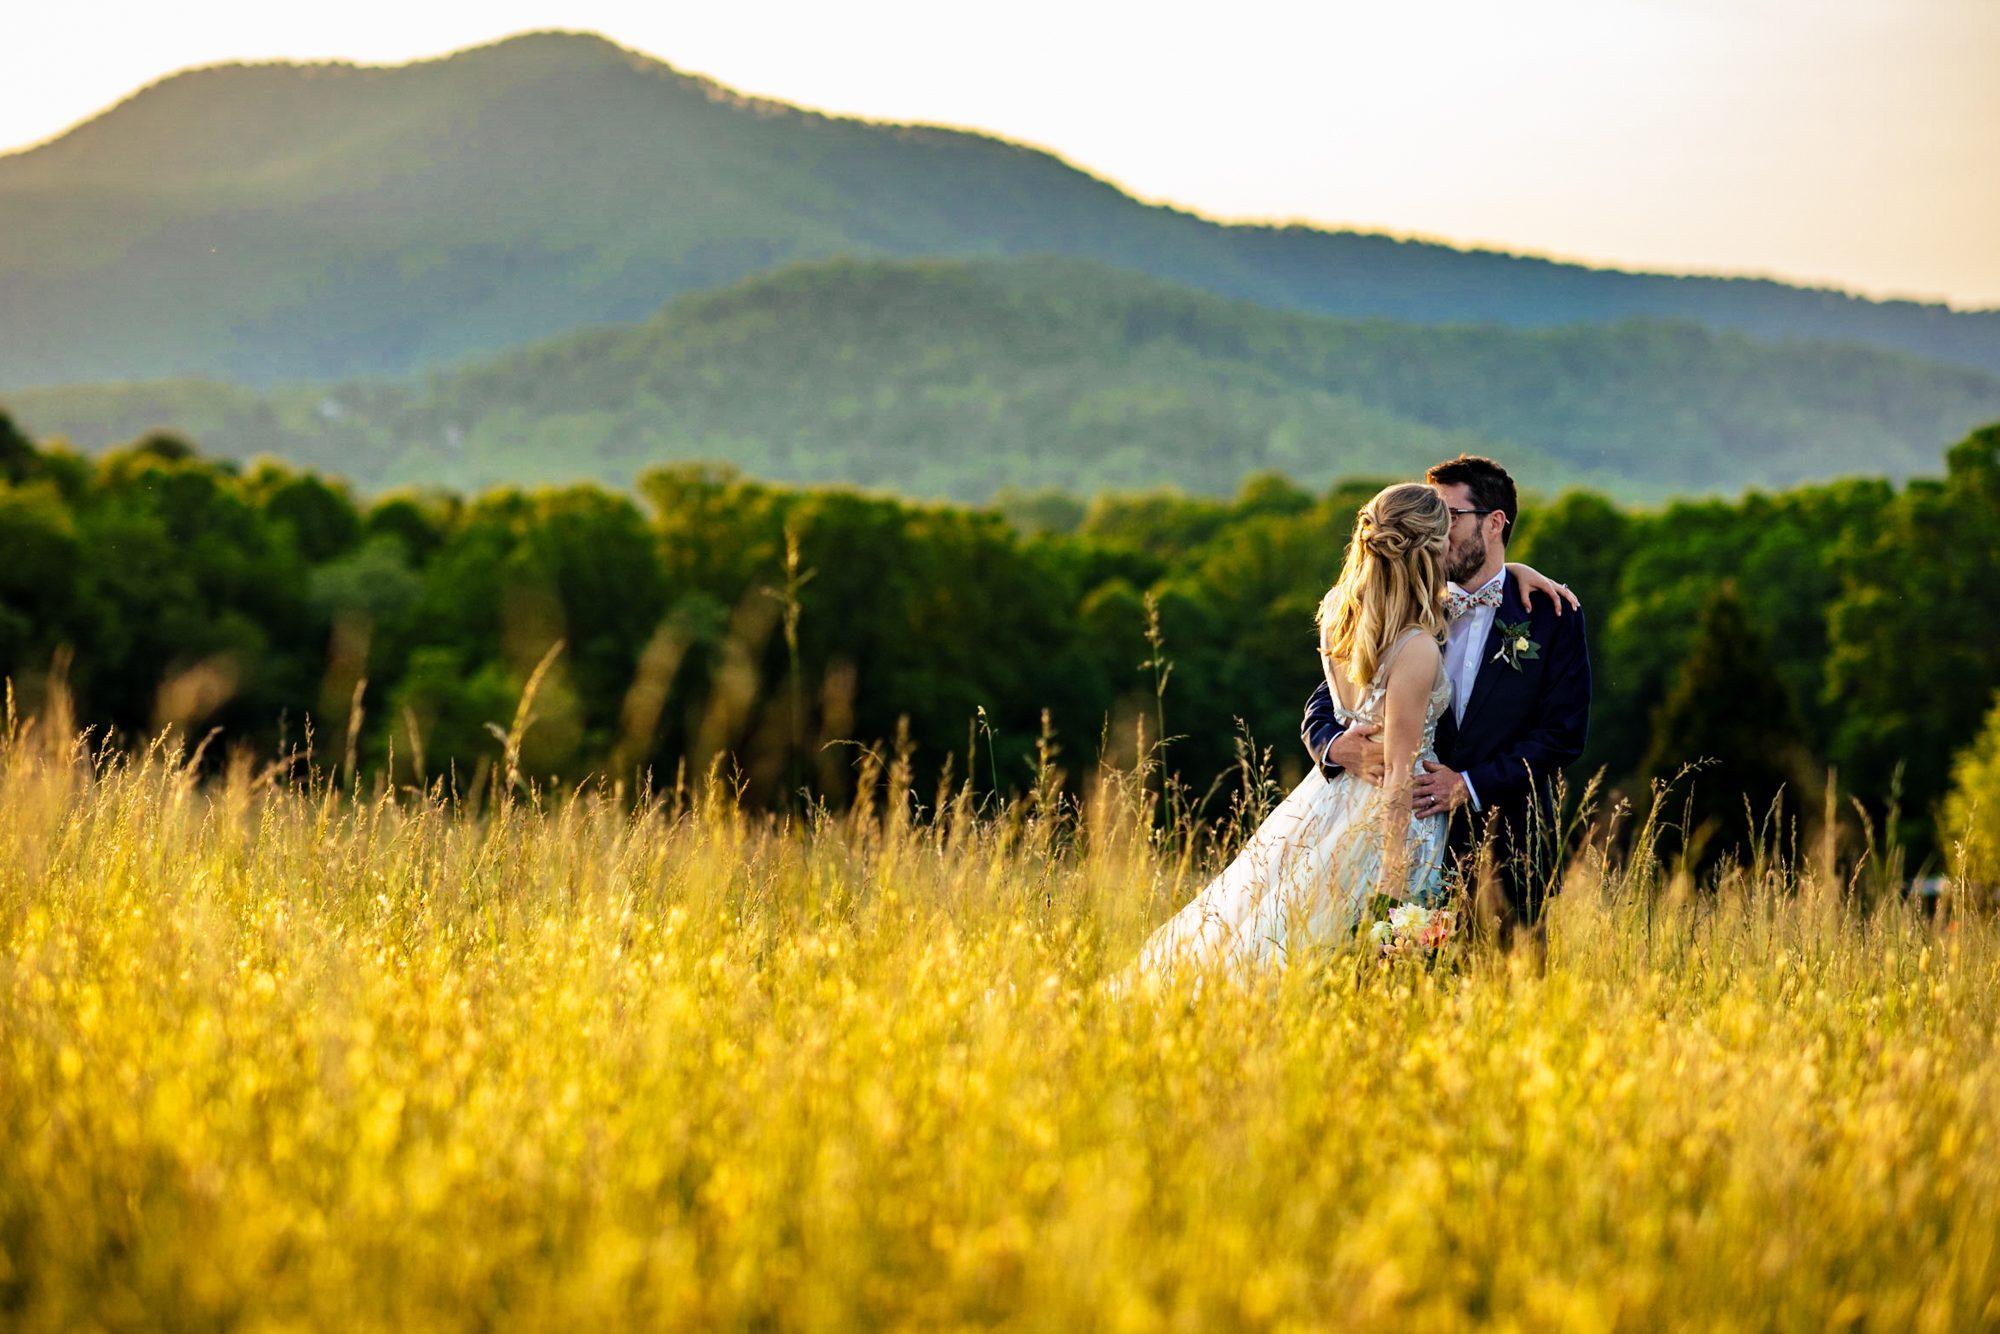 asheville wedding photographer sunset image of wedding couple